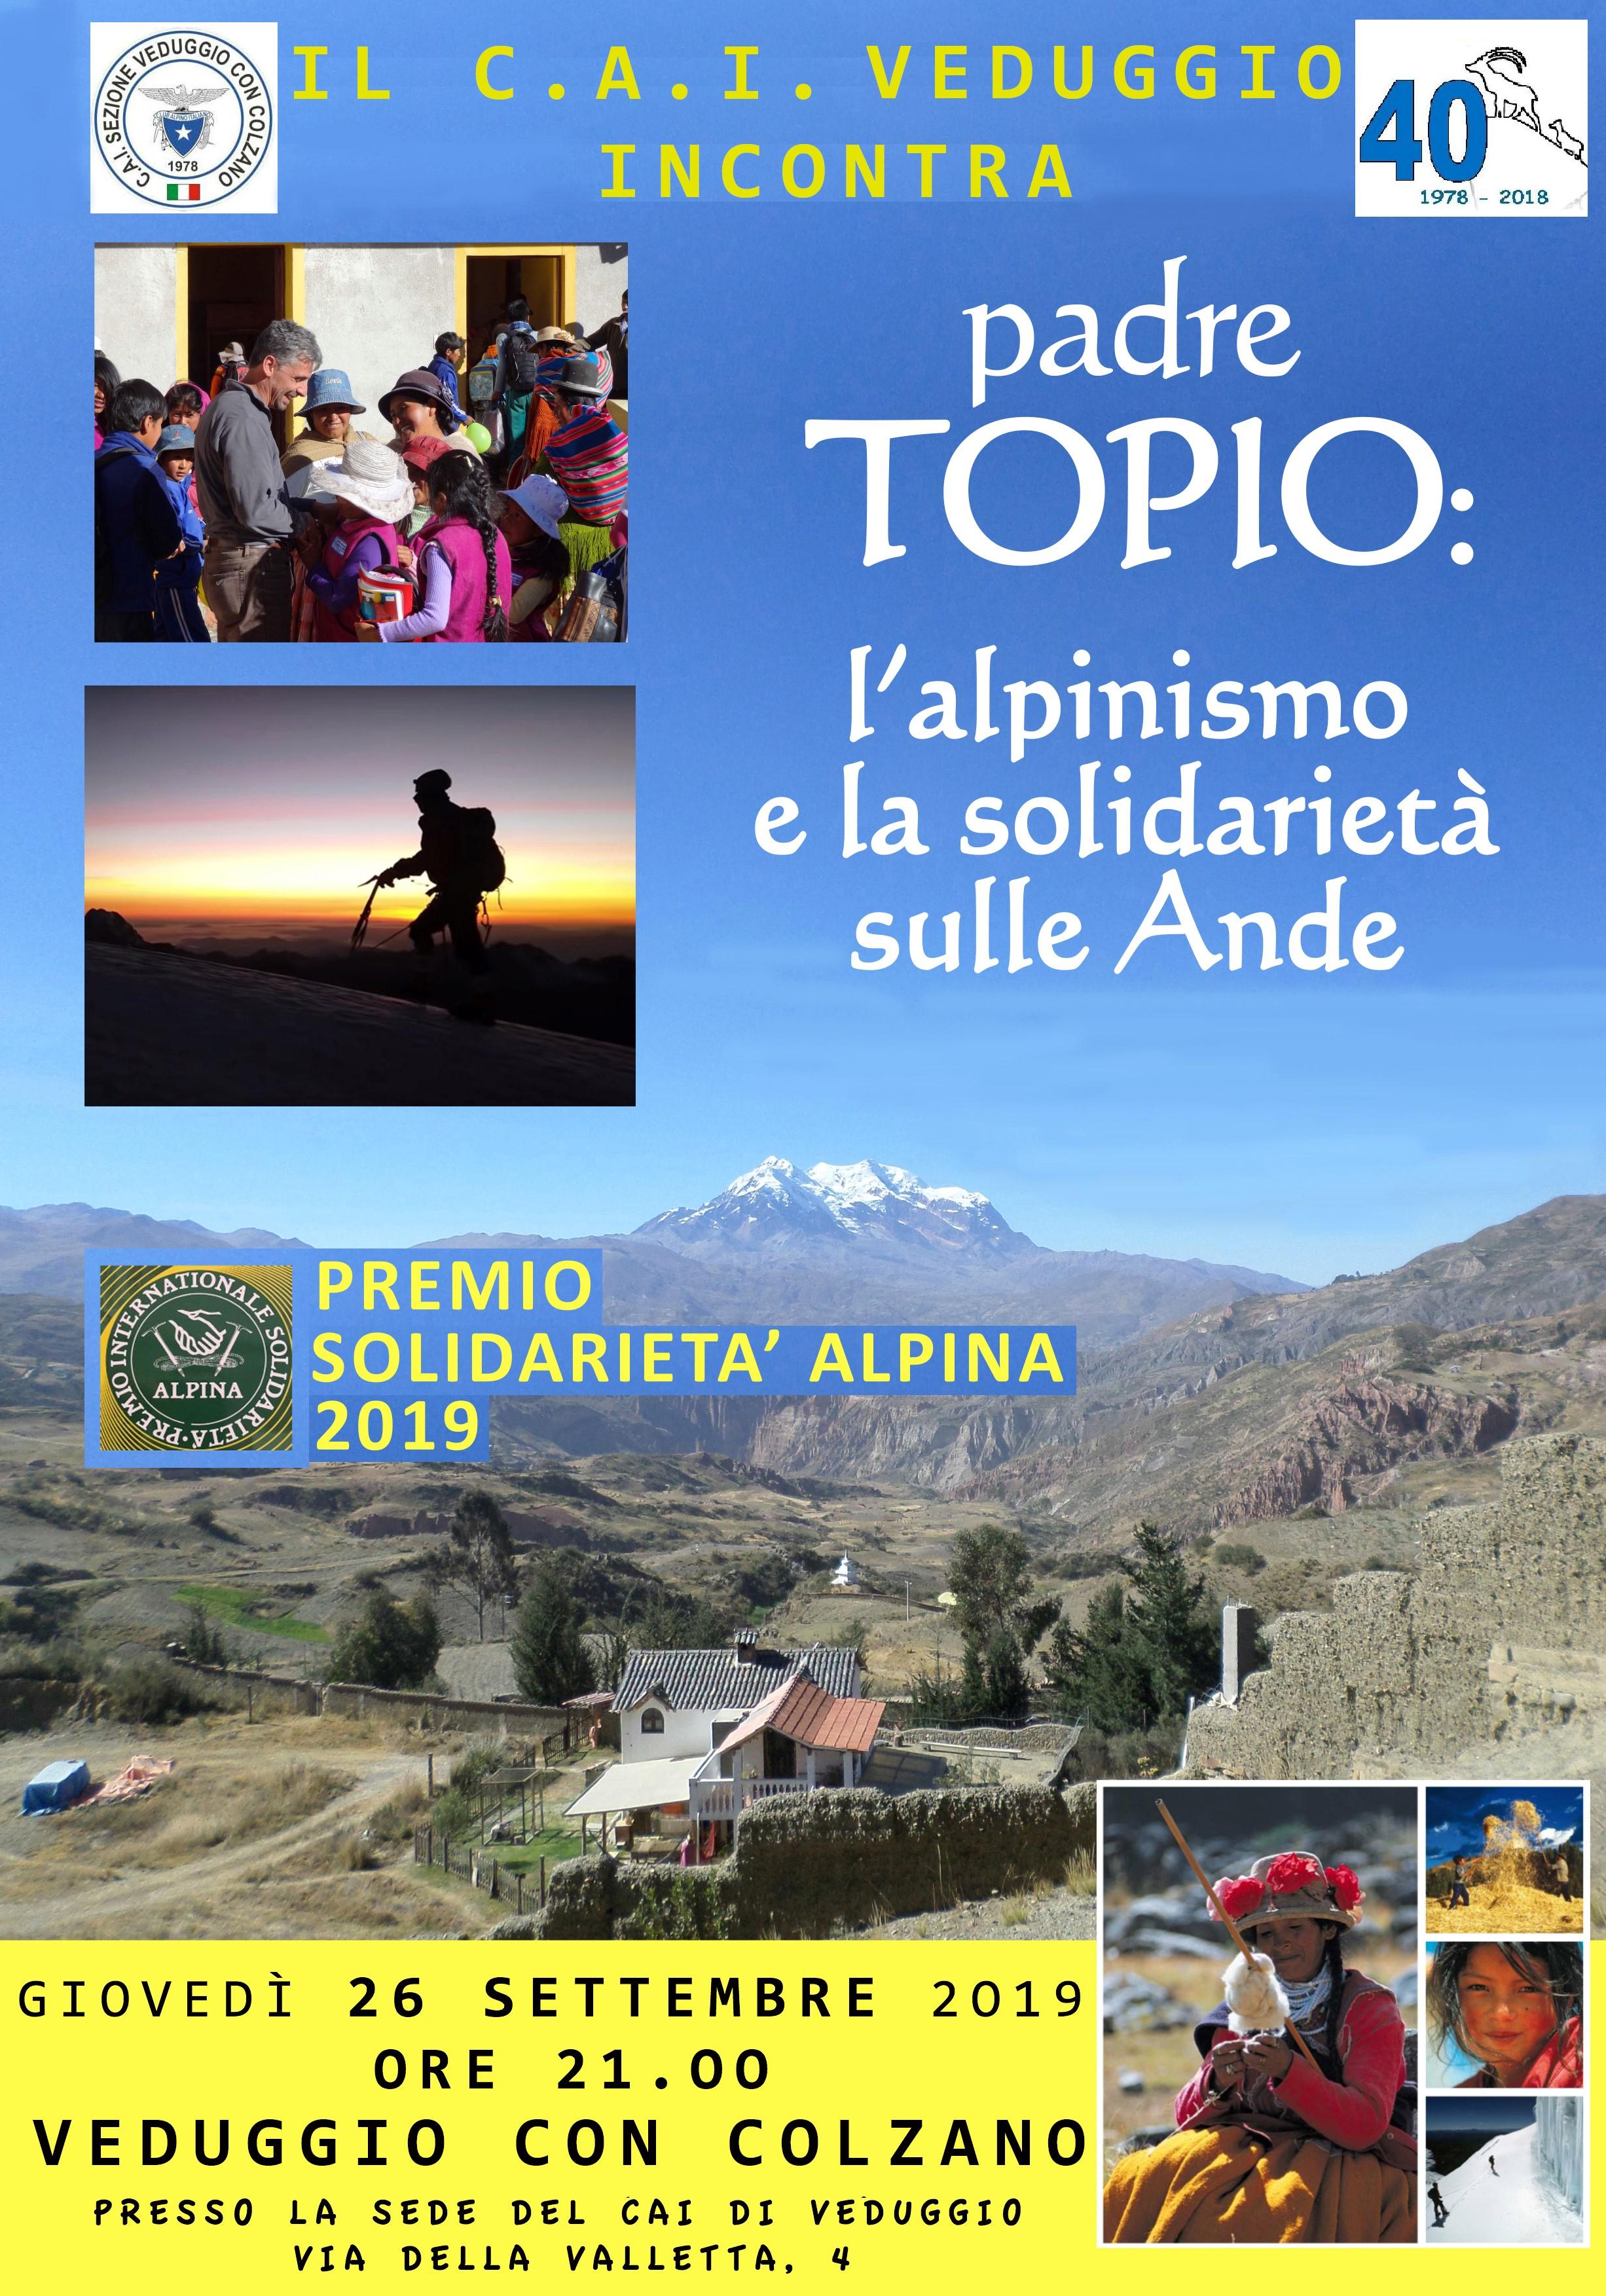 Giovedì 26 settembre 2019 – Incontro con padre Topio – L'alpinismo e la solidarietà sulle Ande